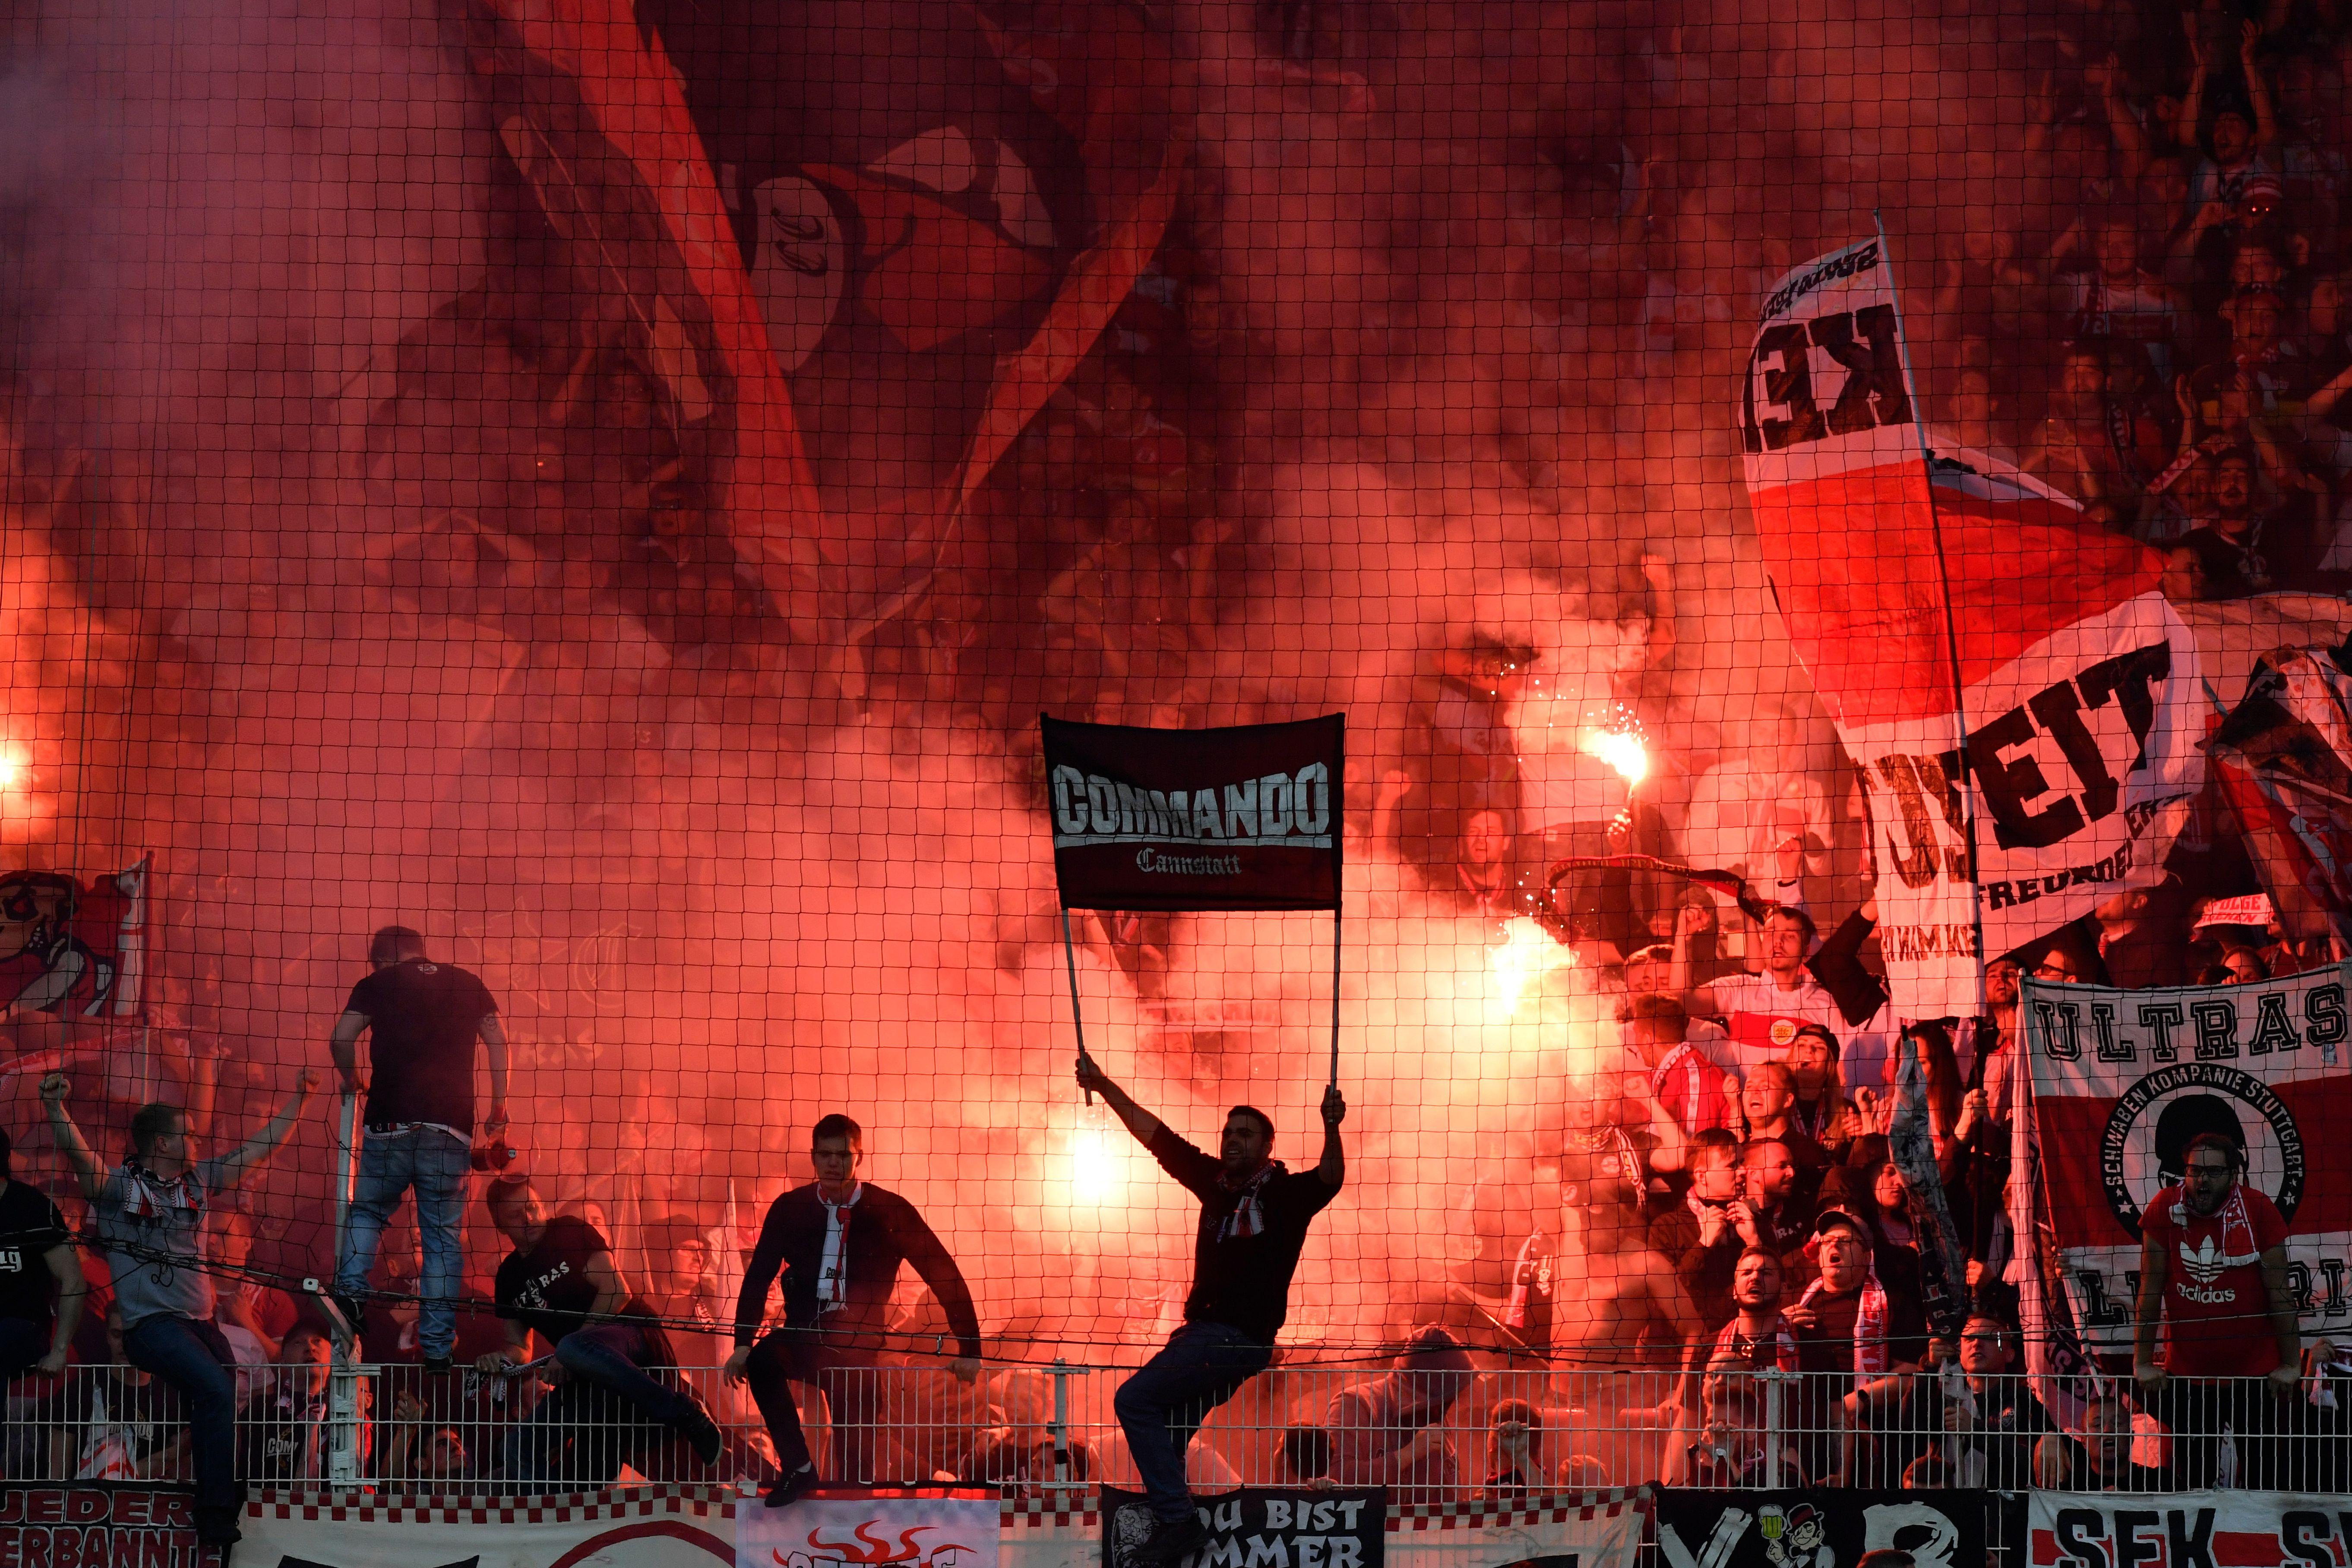 FBL-GER-BUNDESLIGA-RELEGATION-UNION BERLIN-STUTTGART